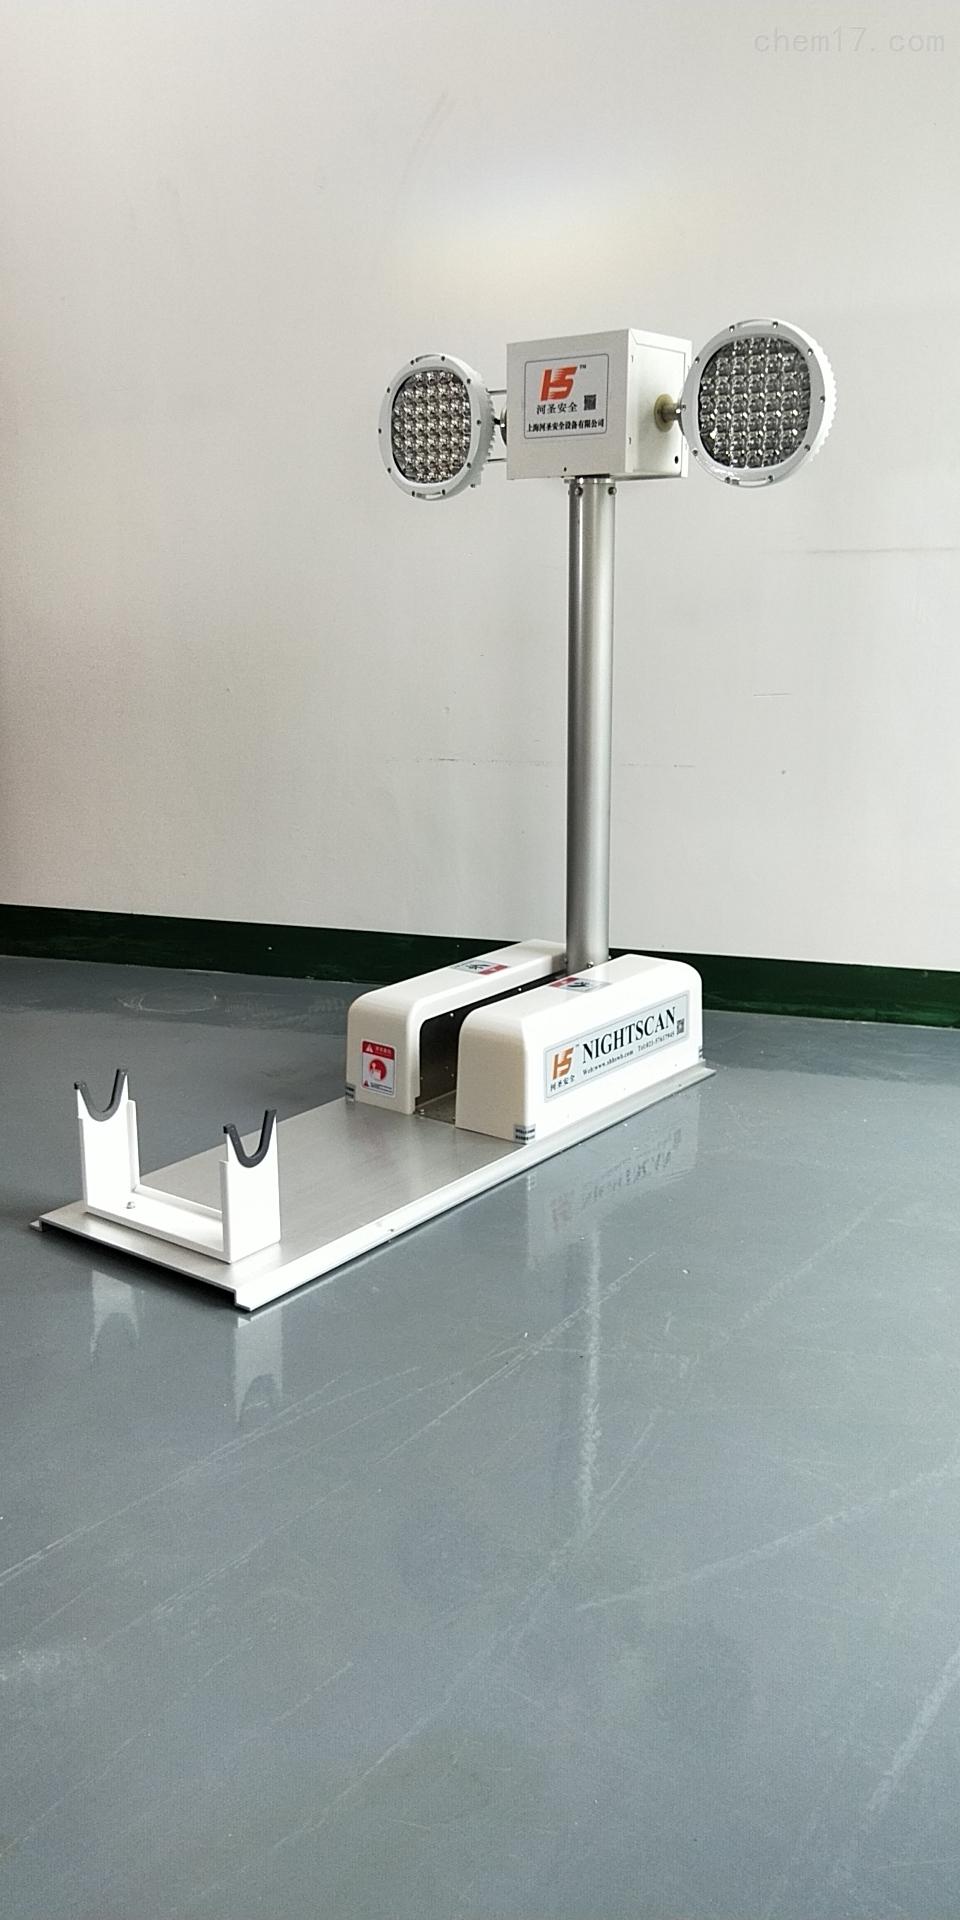 发电升降泛光灯代发加工直流消防应急照明装置